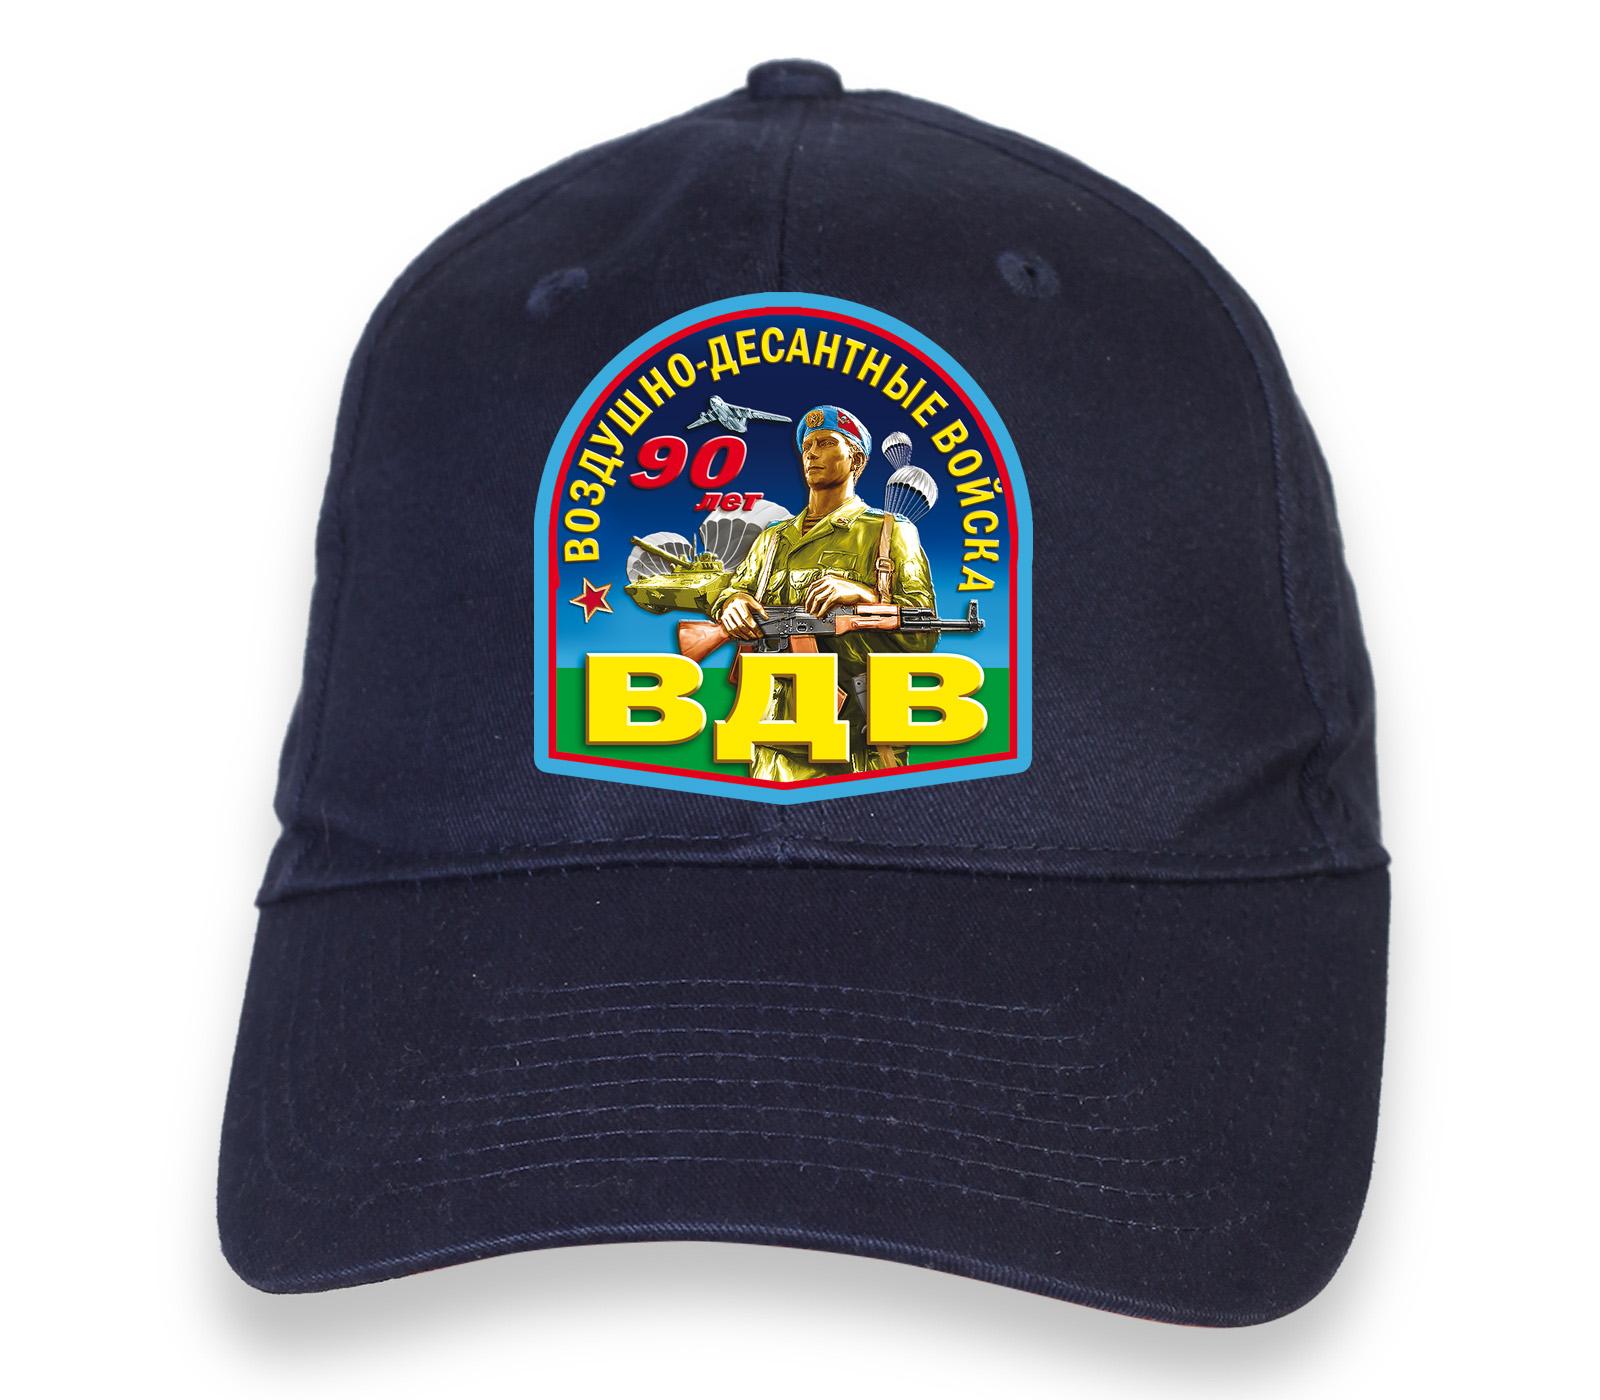 Купить крутую темно-синюю бейсболку с термотрансфером 90 лет ВДВ в подарок